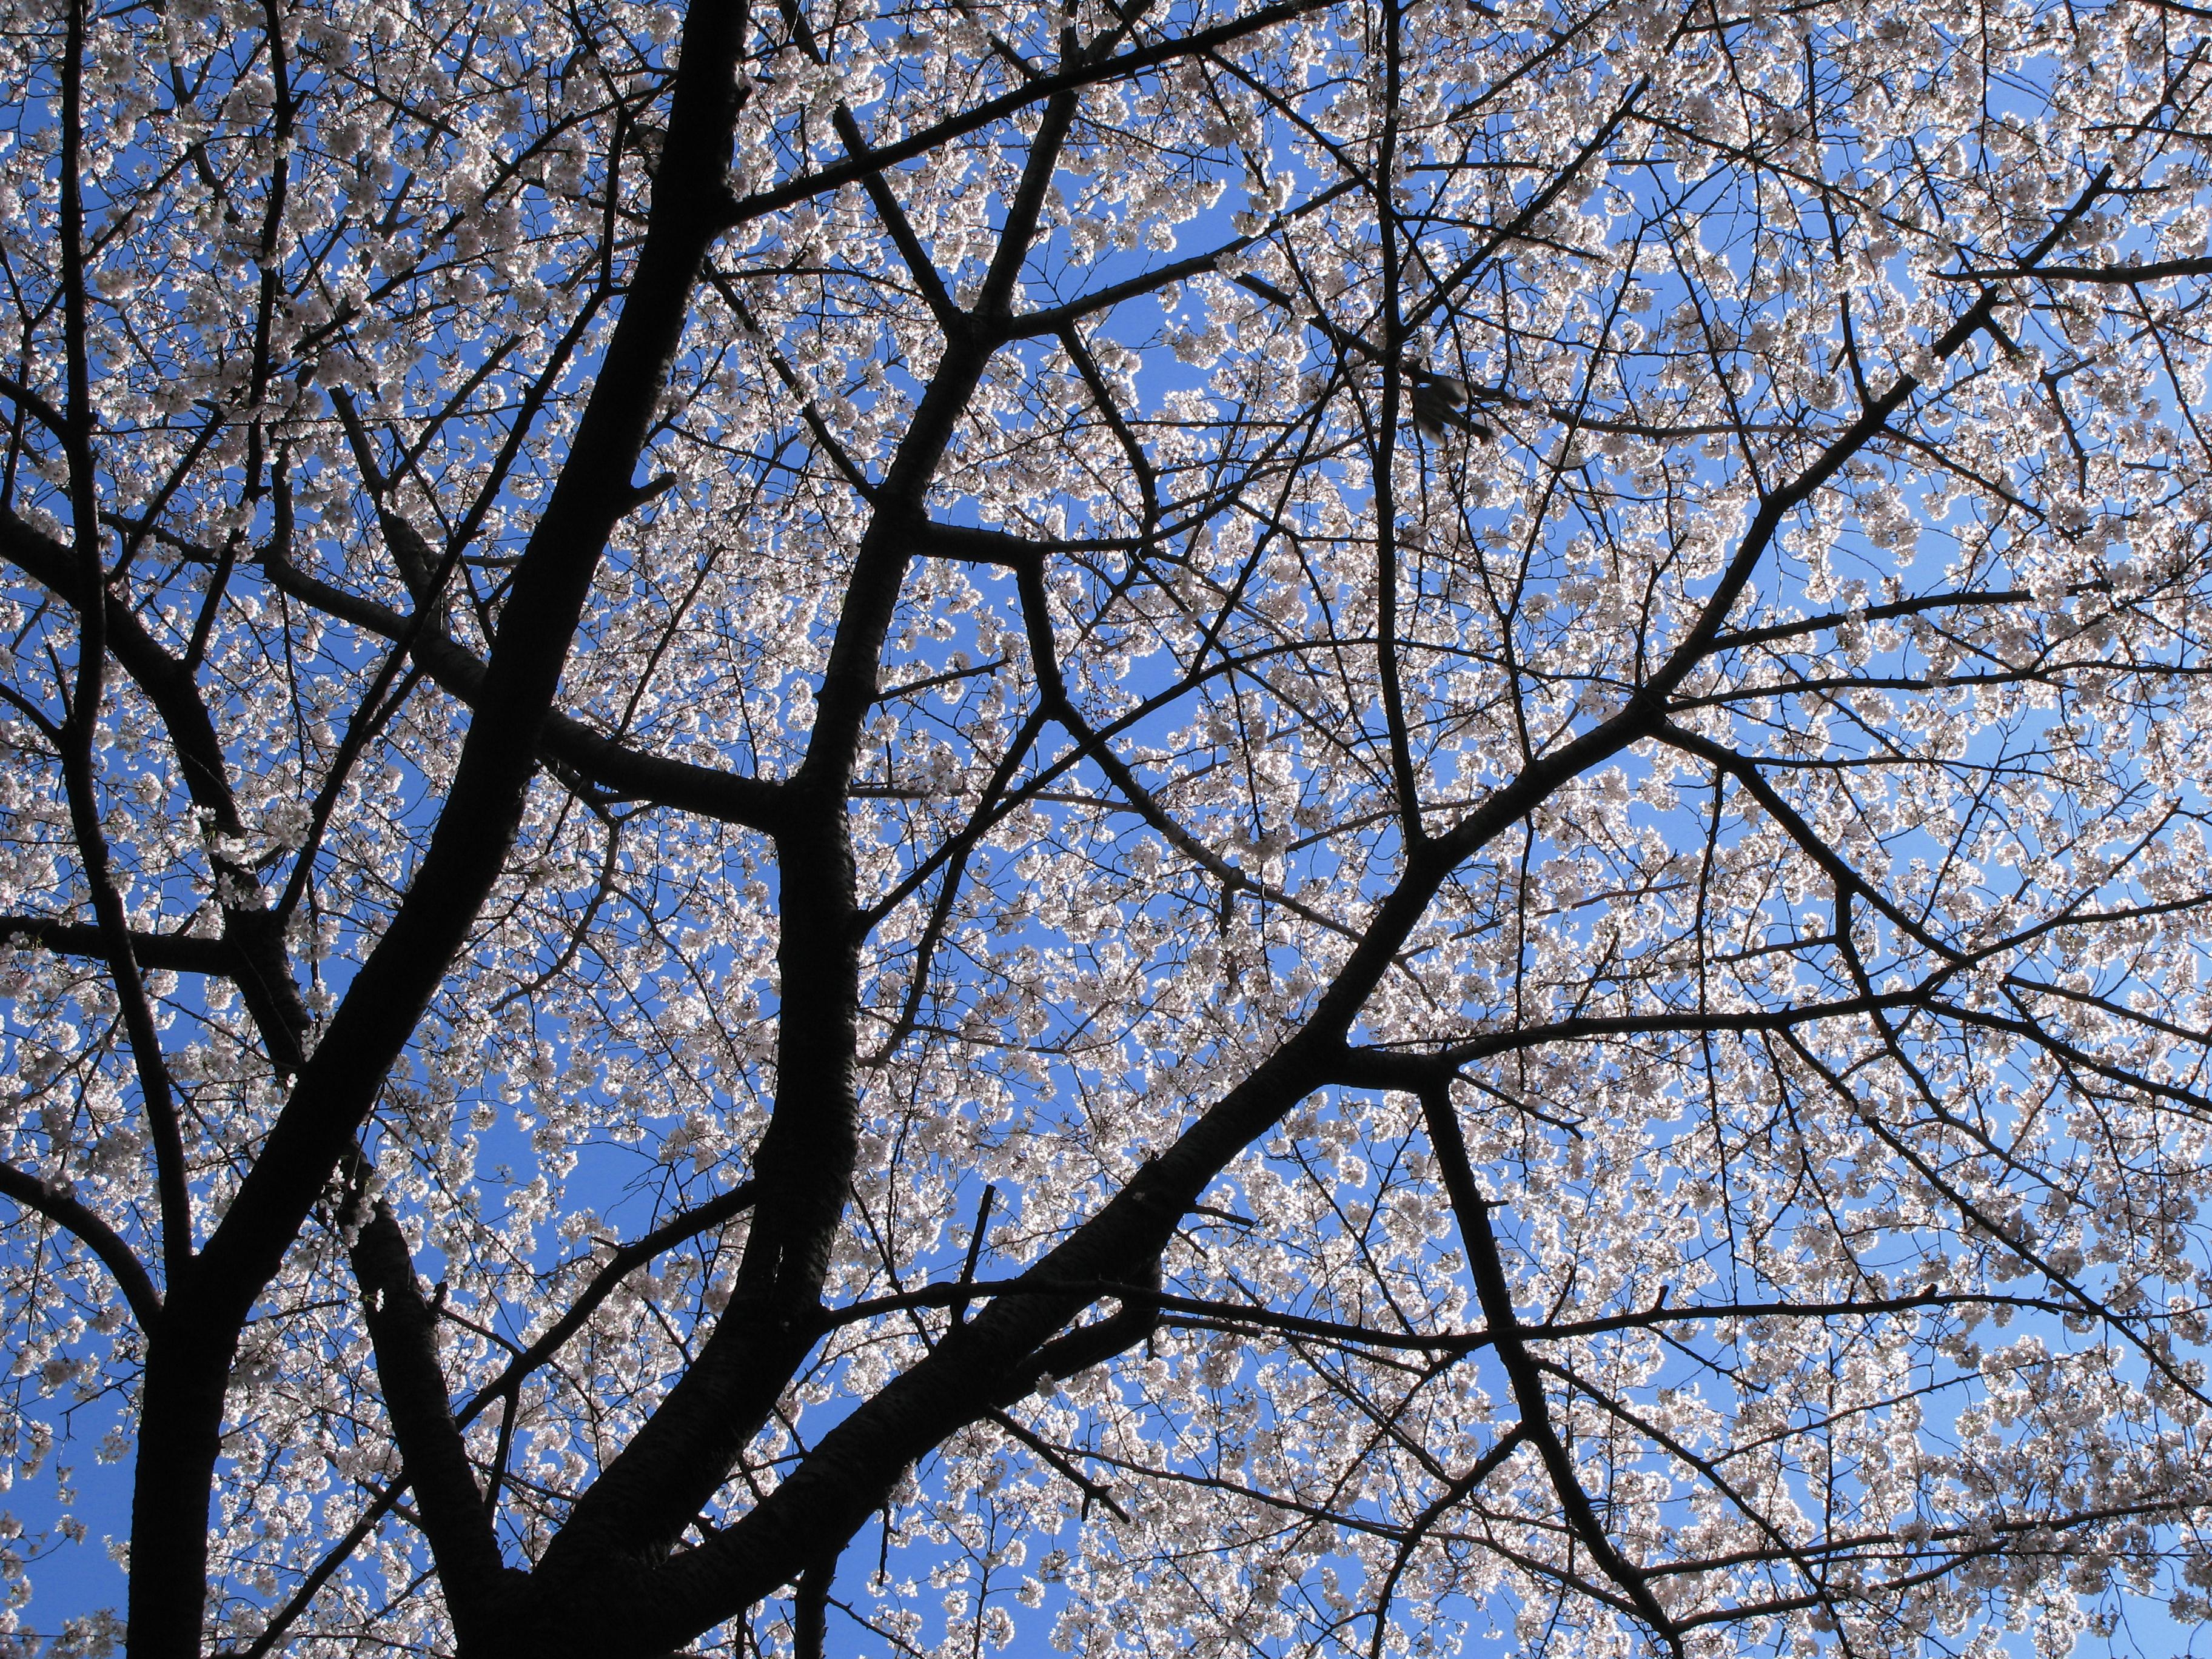 Download 98+ Gambar Bunga Sakura Keren Gratis Terbaru